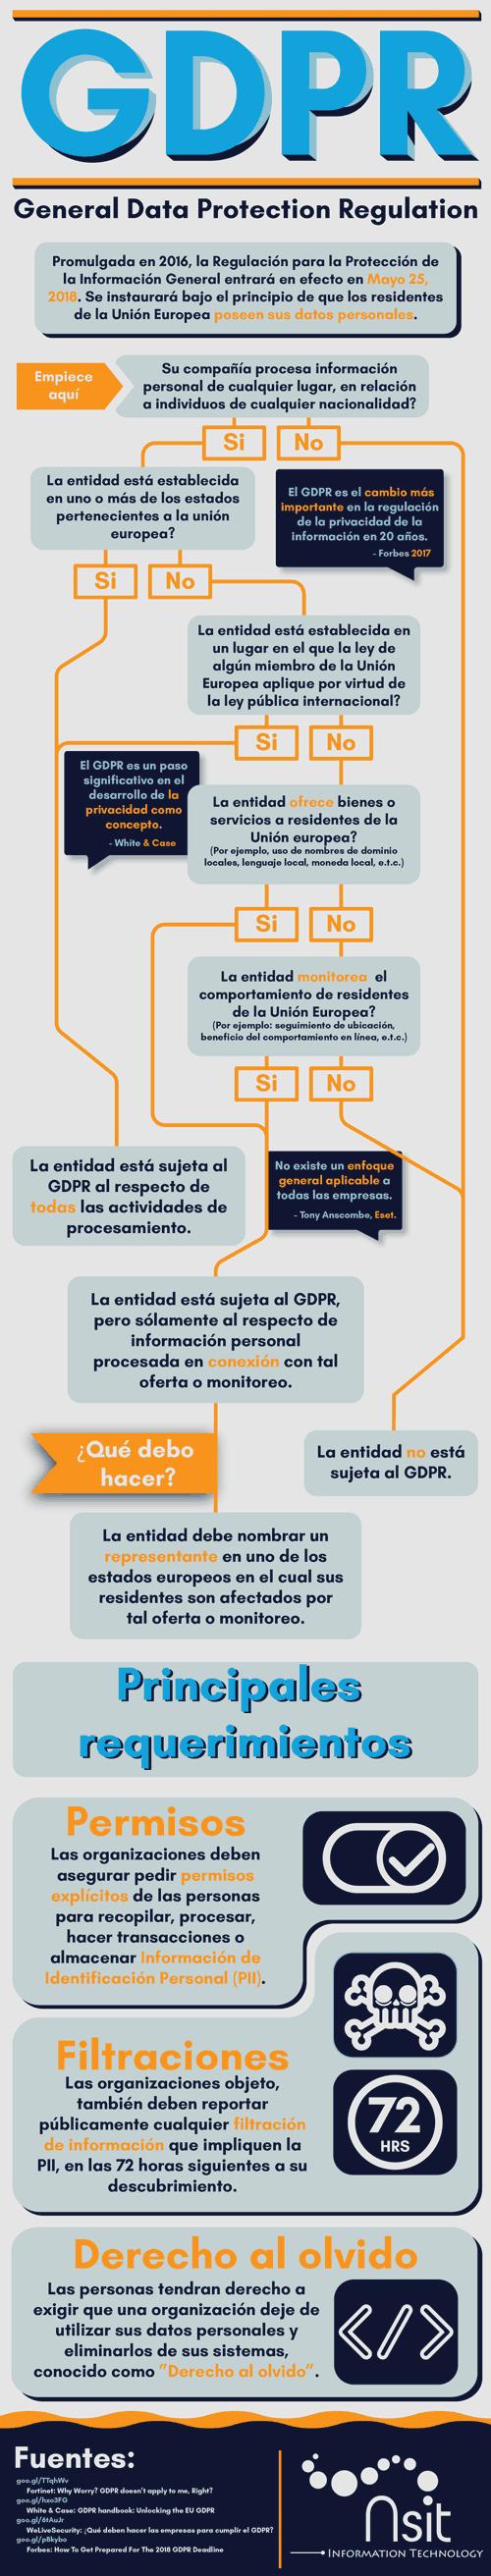 El Reglamento General de Protección de Datos ( GDPR ) en la Unión Europea entra en vigencia en Mayo 25 de 2018.